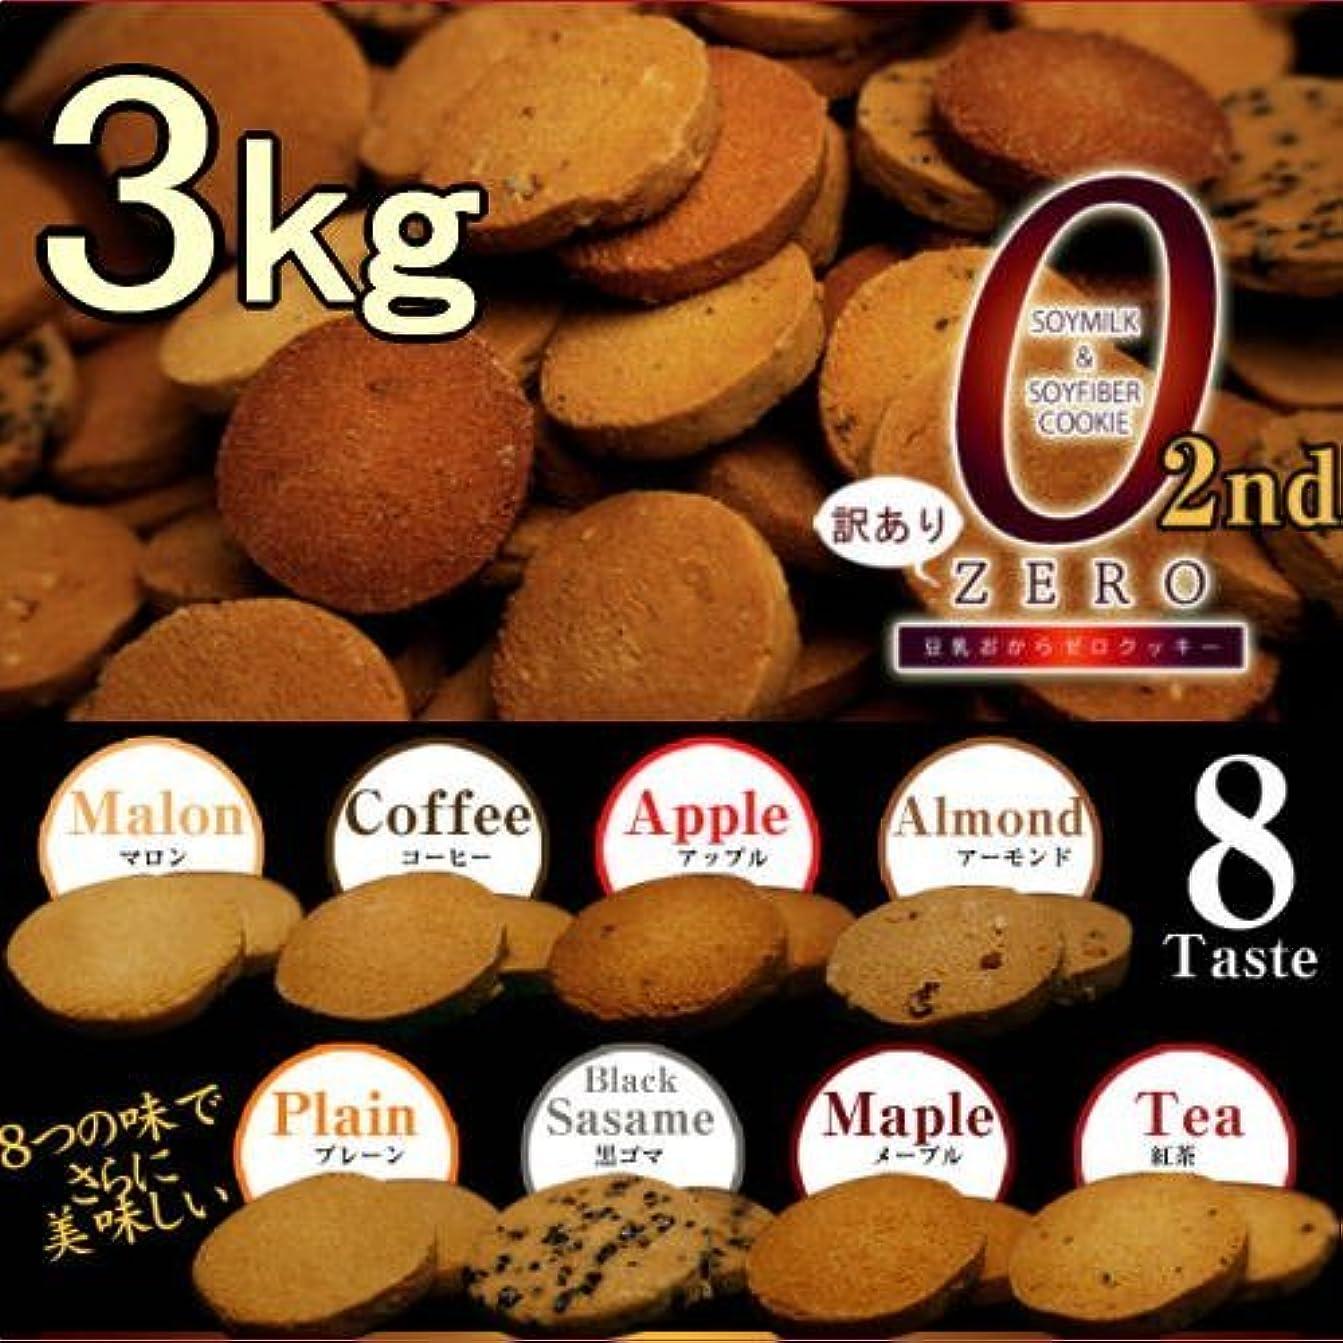 盟主定義するマイナス訳あり豆乳おからゼロクッキー2nd(ドーンと1kg×3箱セット)